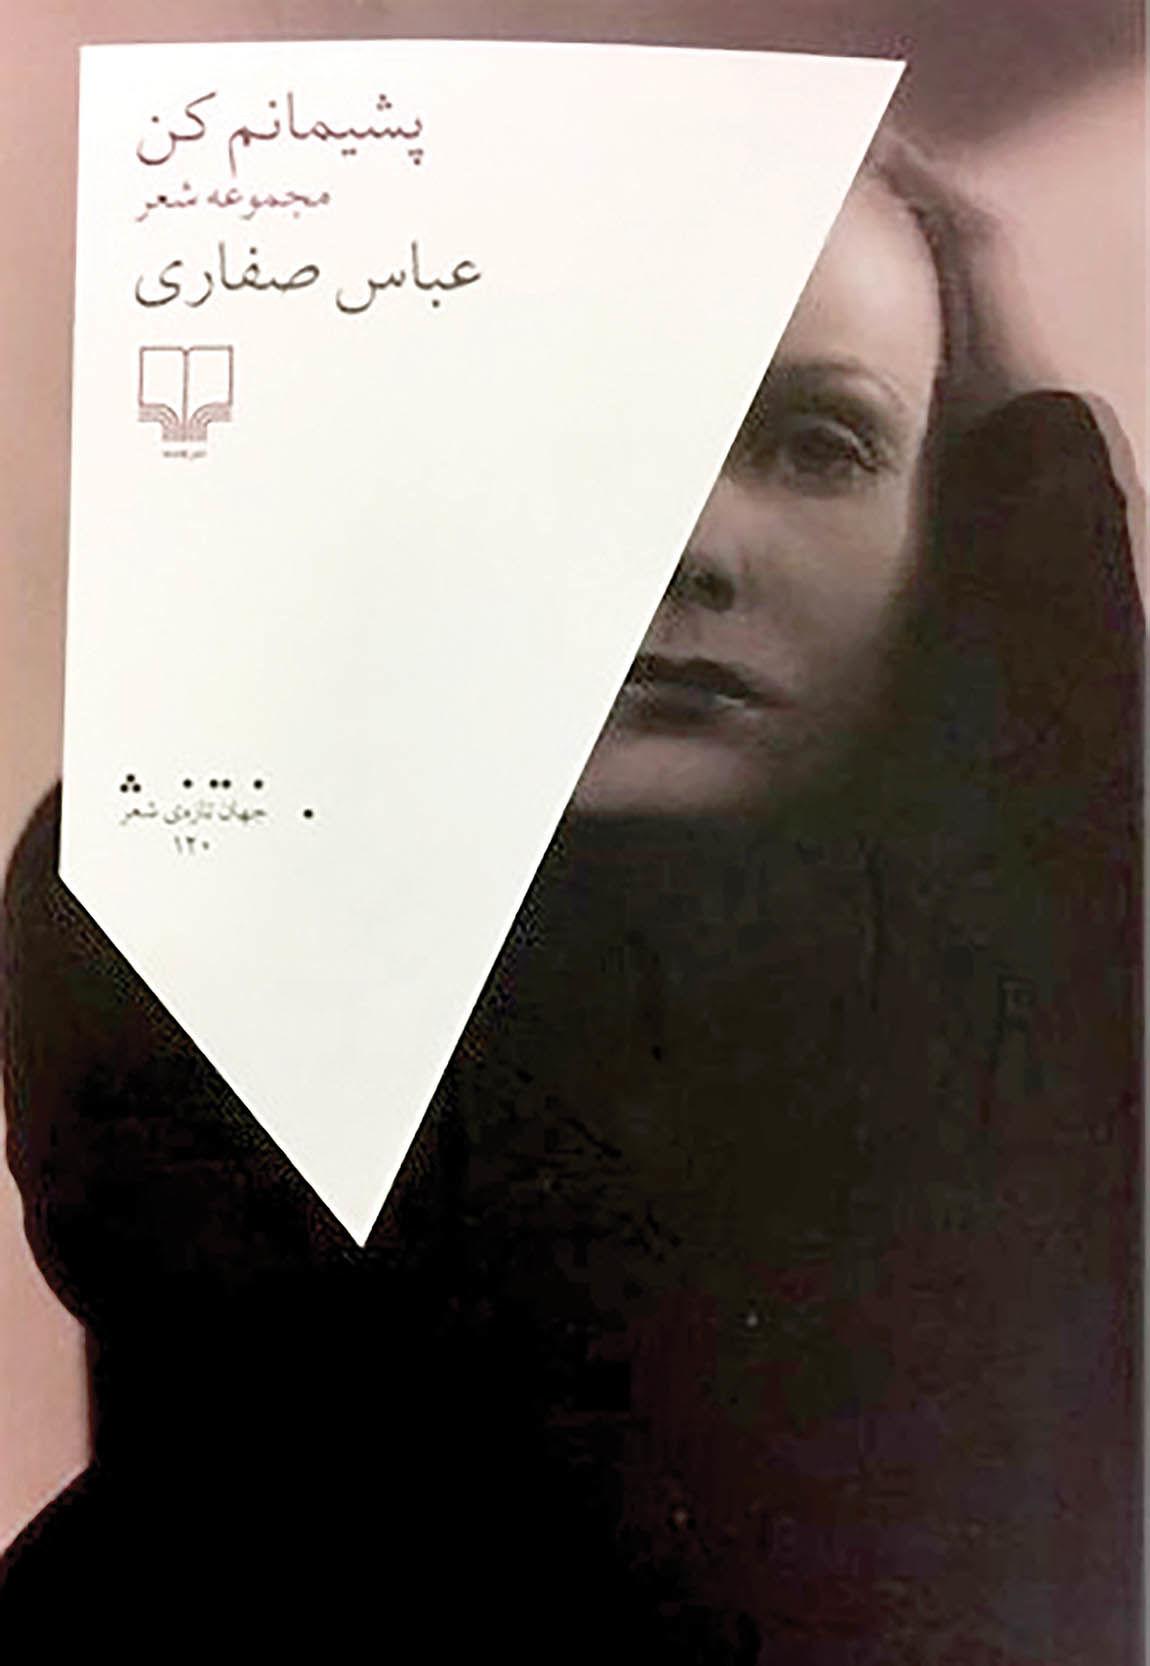 انتشار مجموعه شعر جدید عباس صفاری